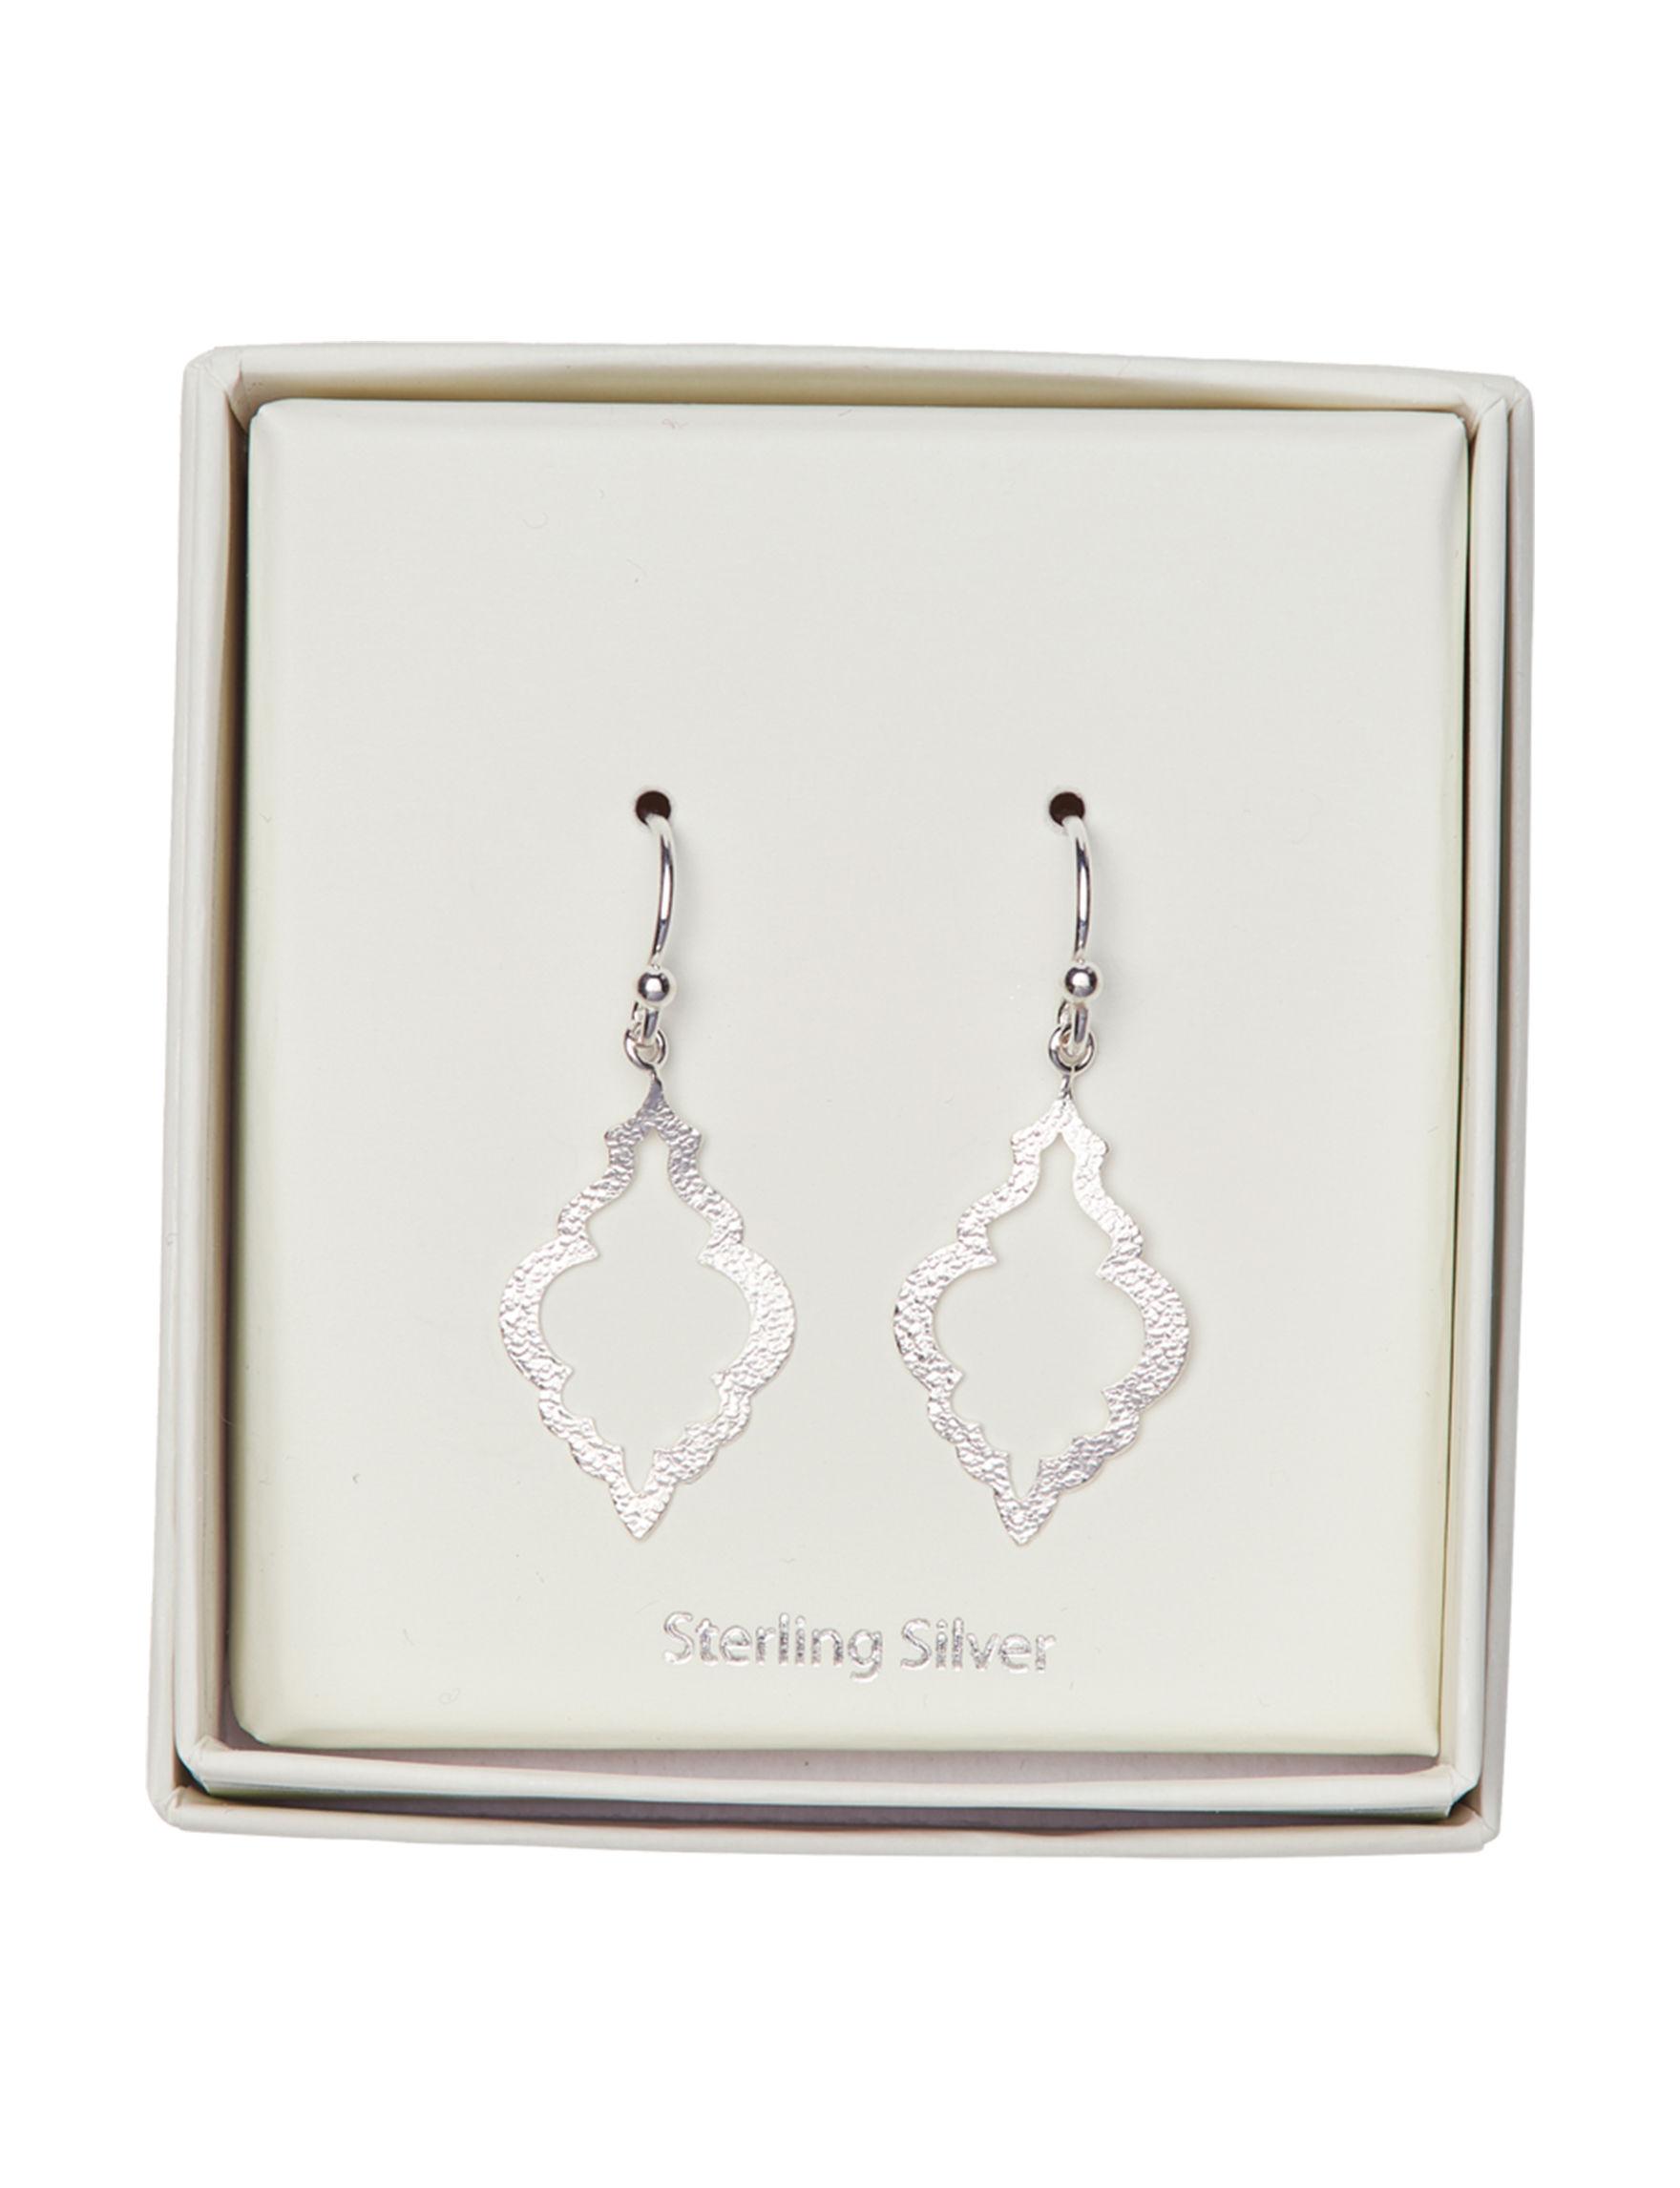 Marsala Sterling Silver Drops Earrings Fine Jewelry